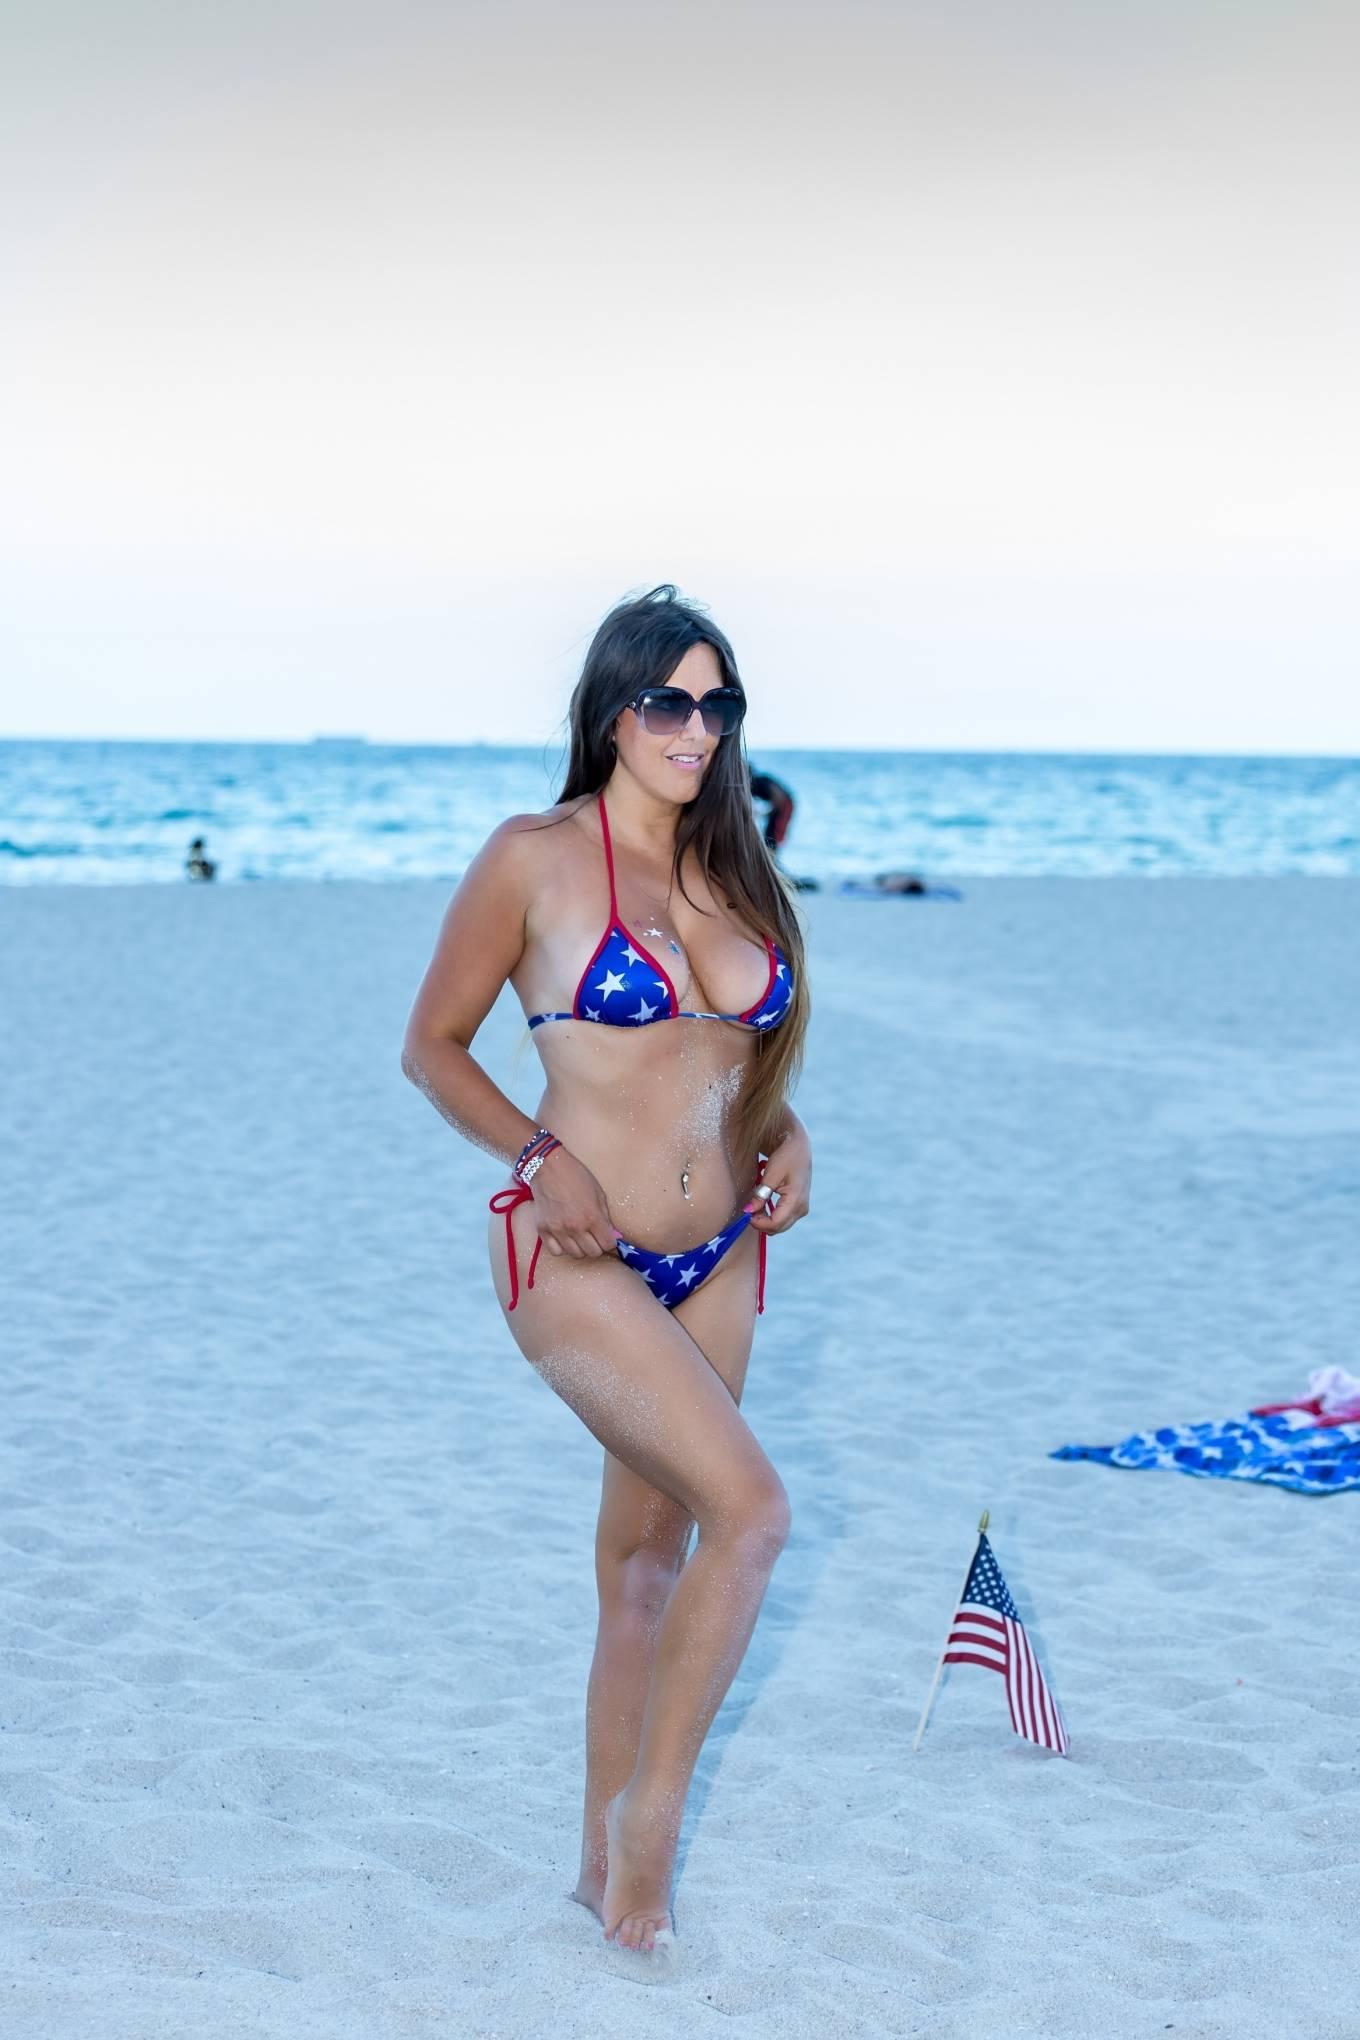 Claudia Romani in Bikini on the beach in Miami